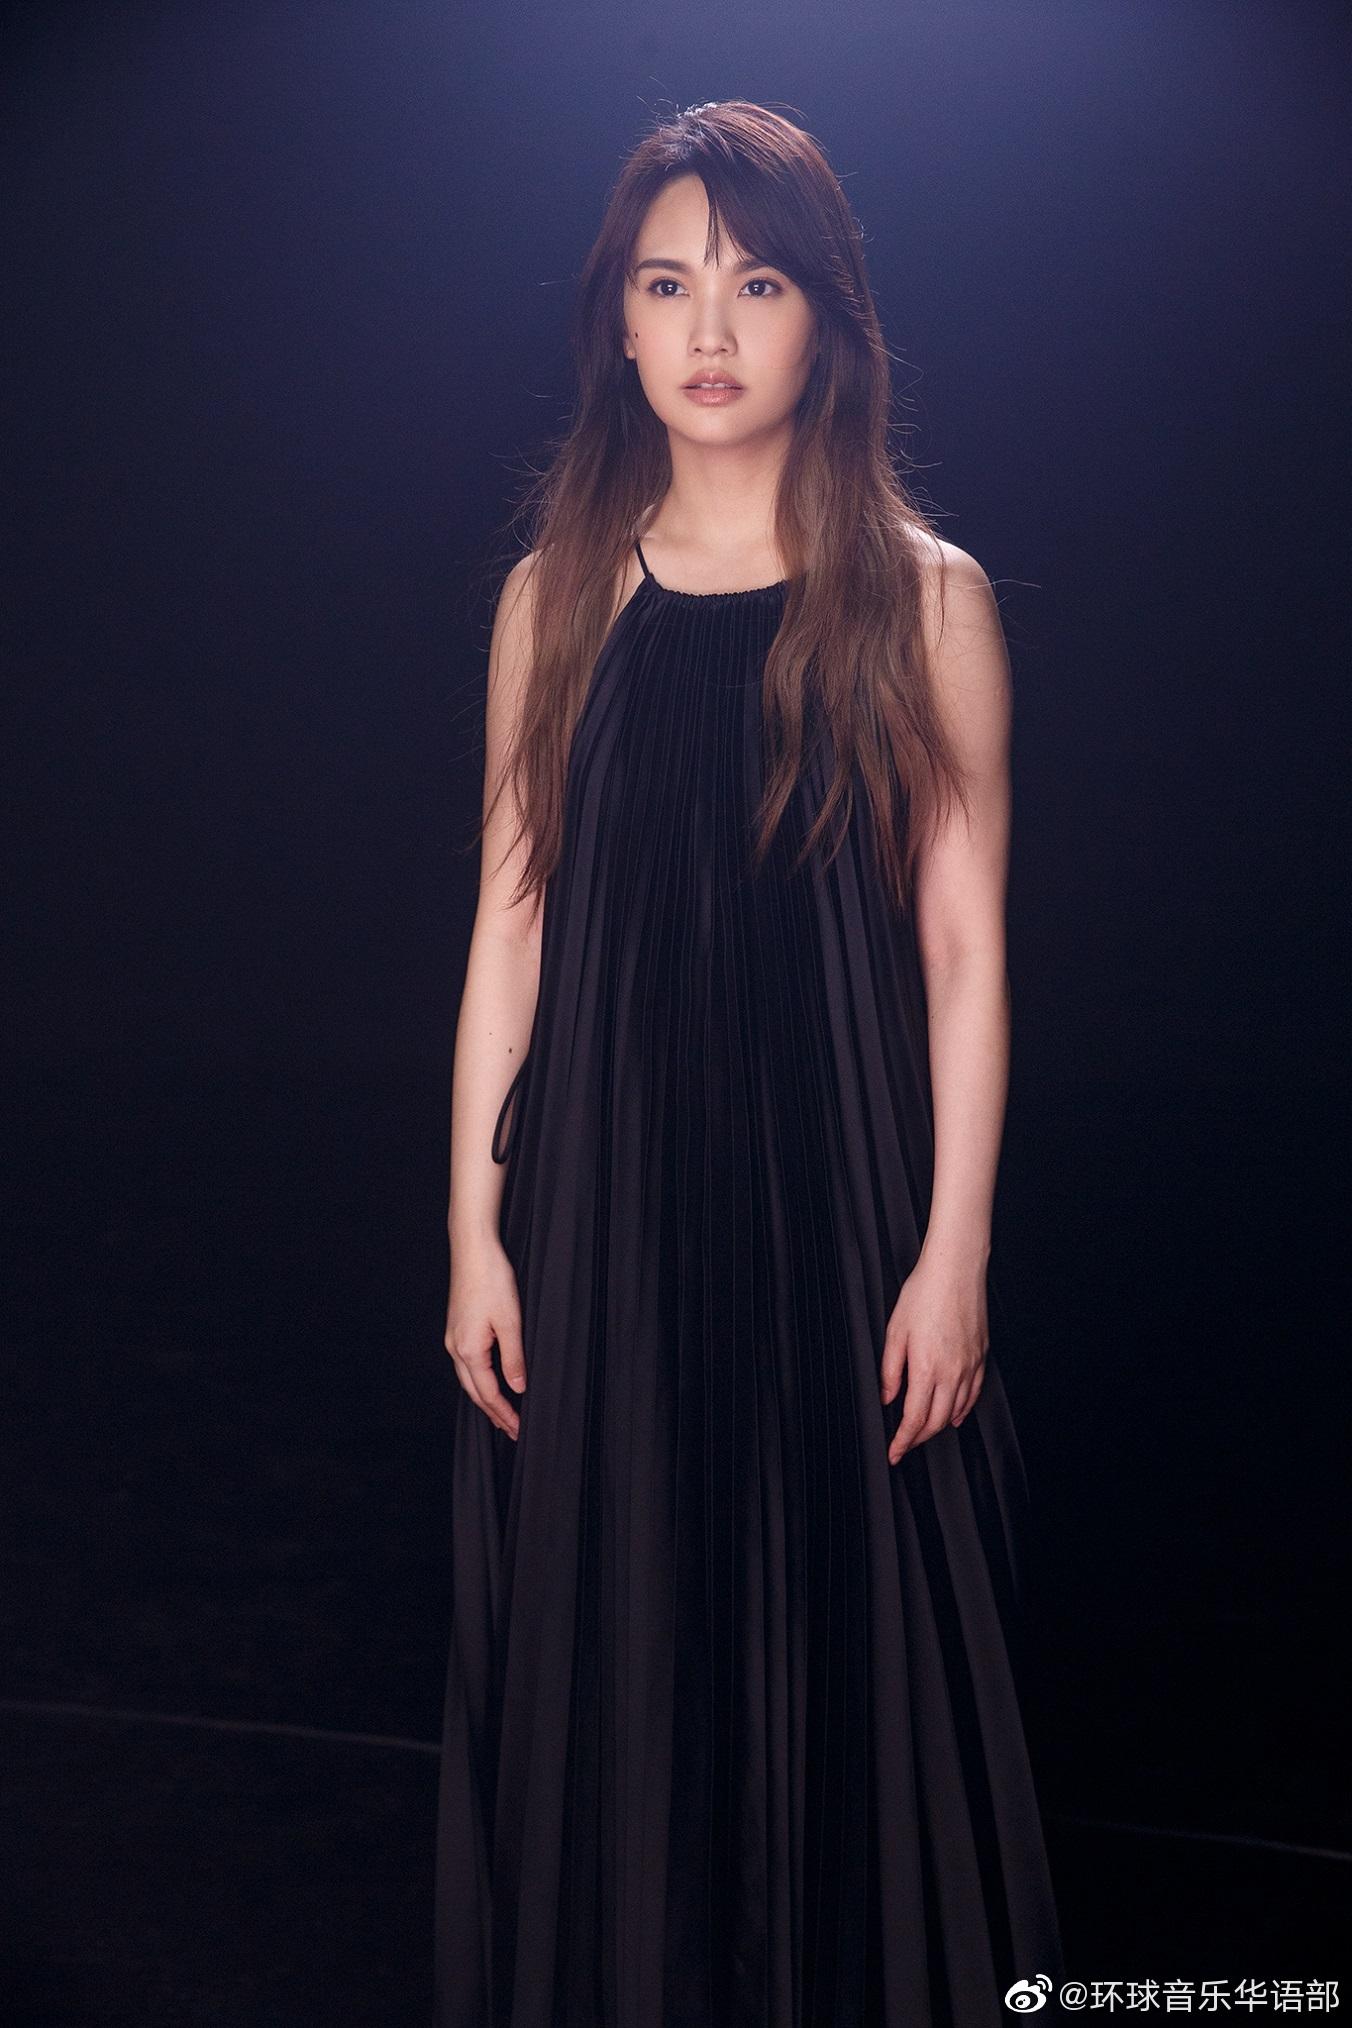 @楊丞琳 即将发行第11张专辑《删·拾 以后》